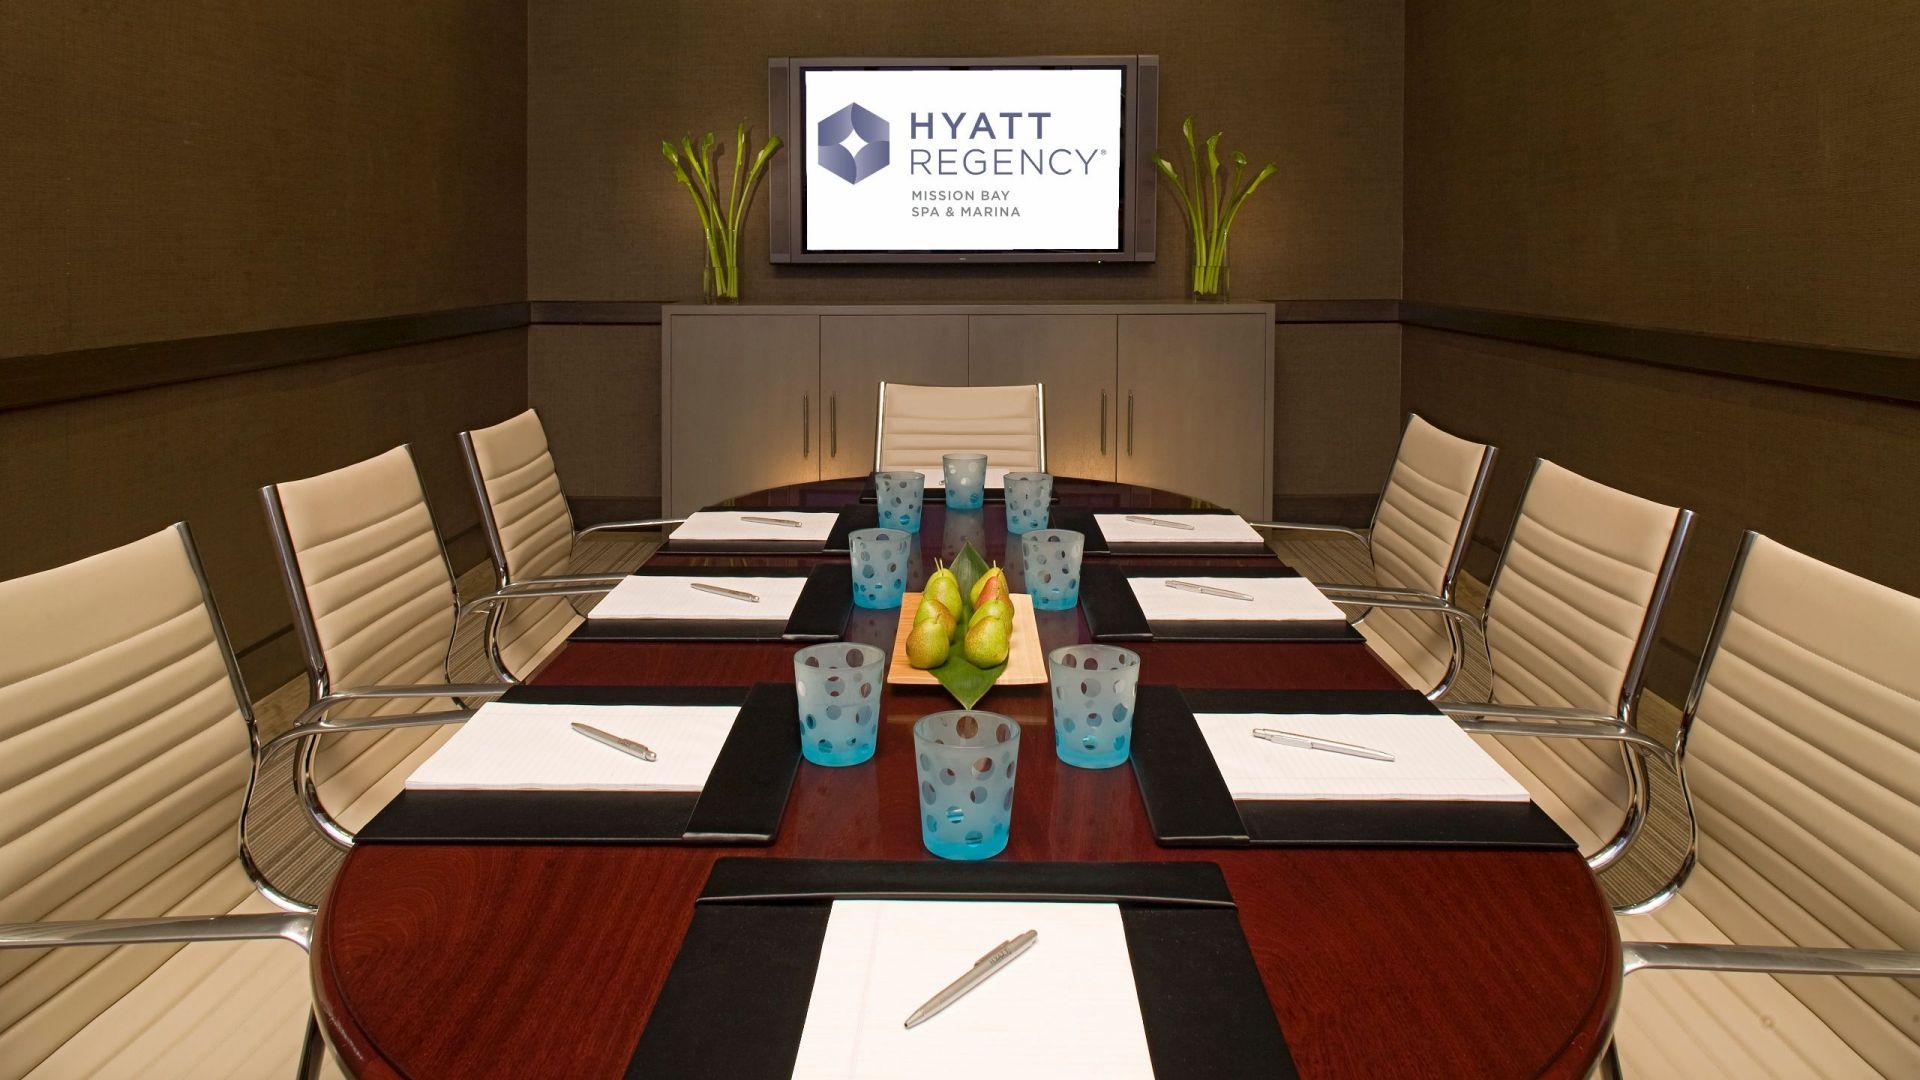 Executive Boardroom at Hyatt Regency Mission Bay